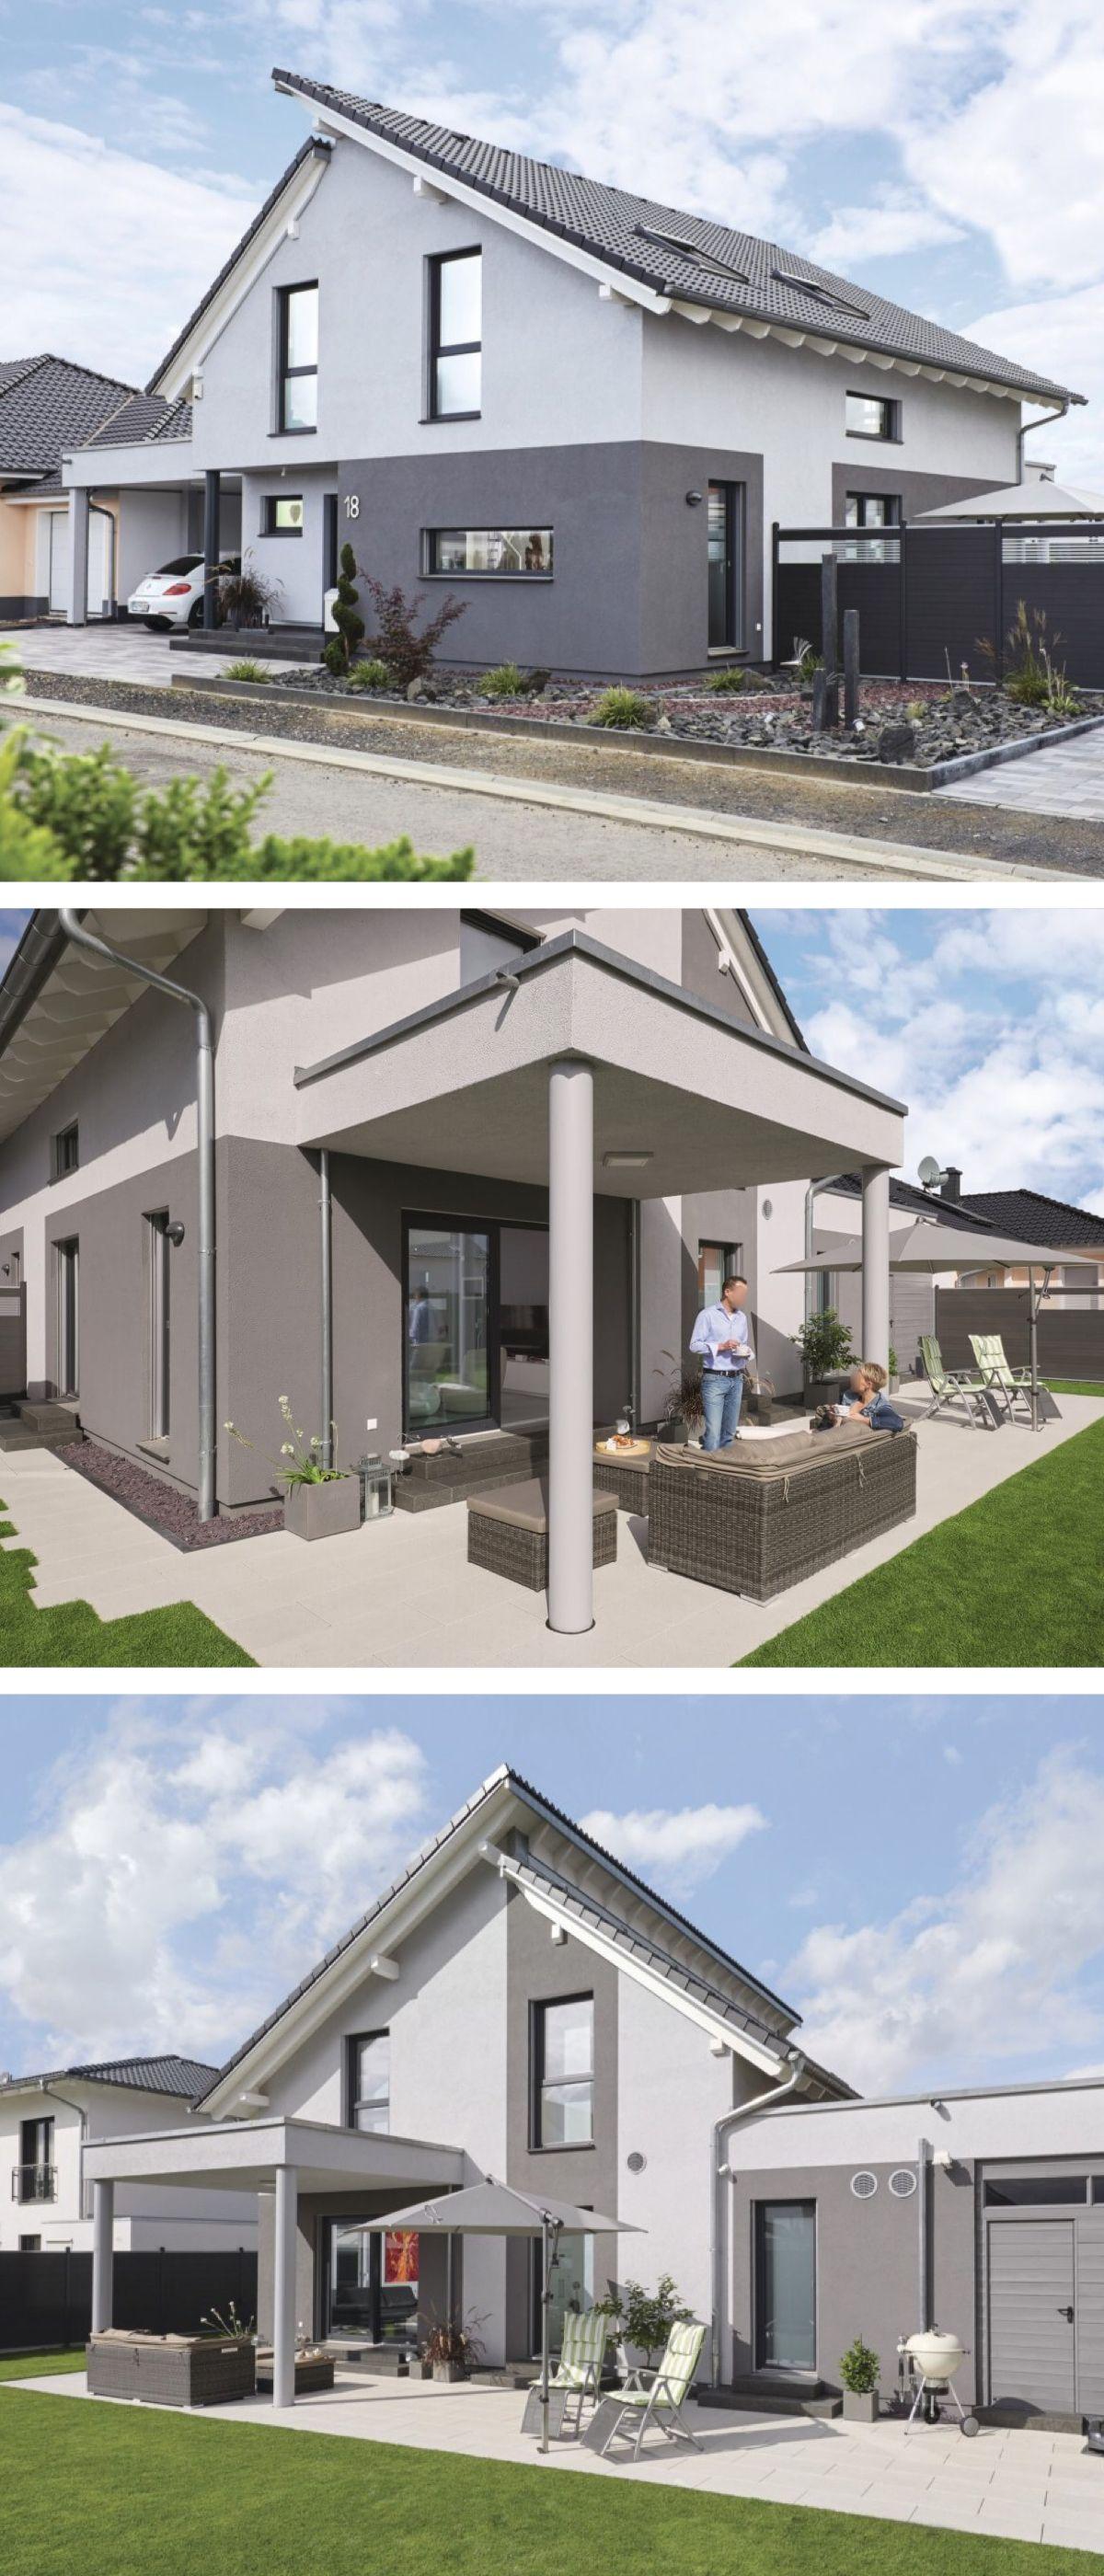 Moderne Einfamilienhaus Architektur mit Pultdach versetzt & Galerie ...